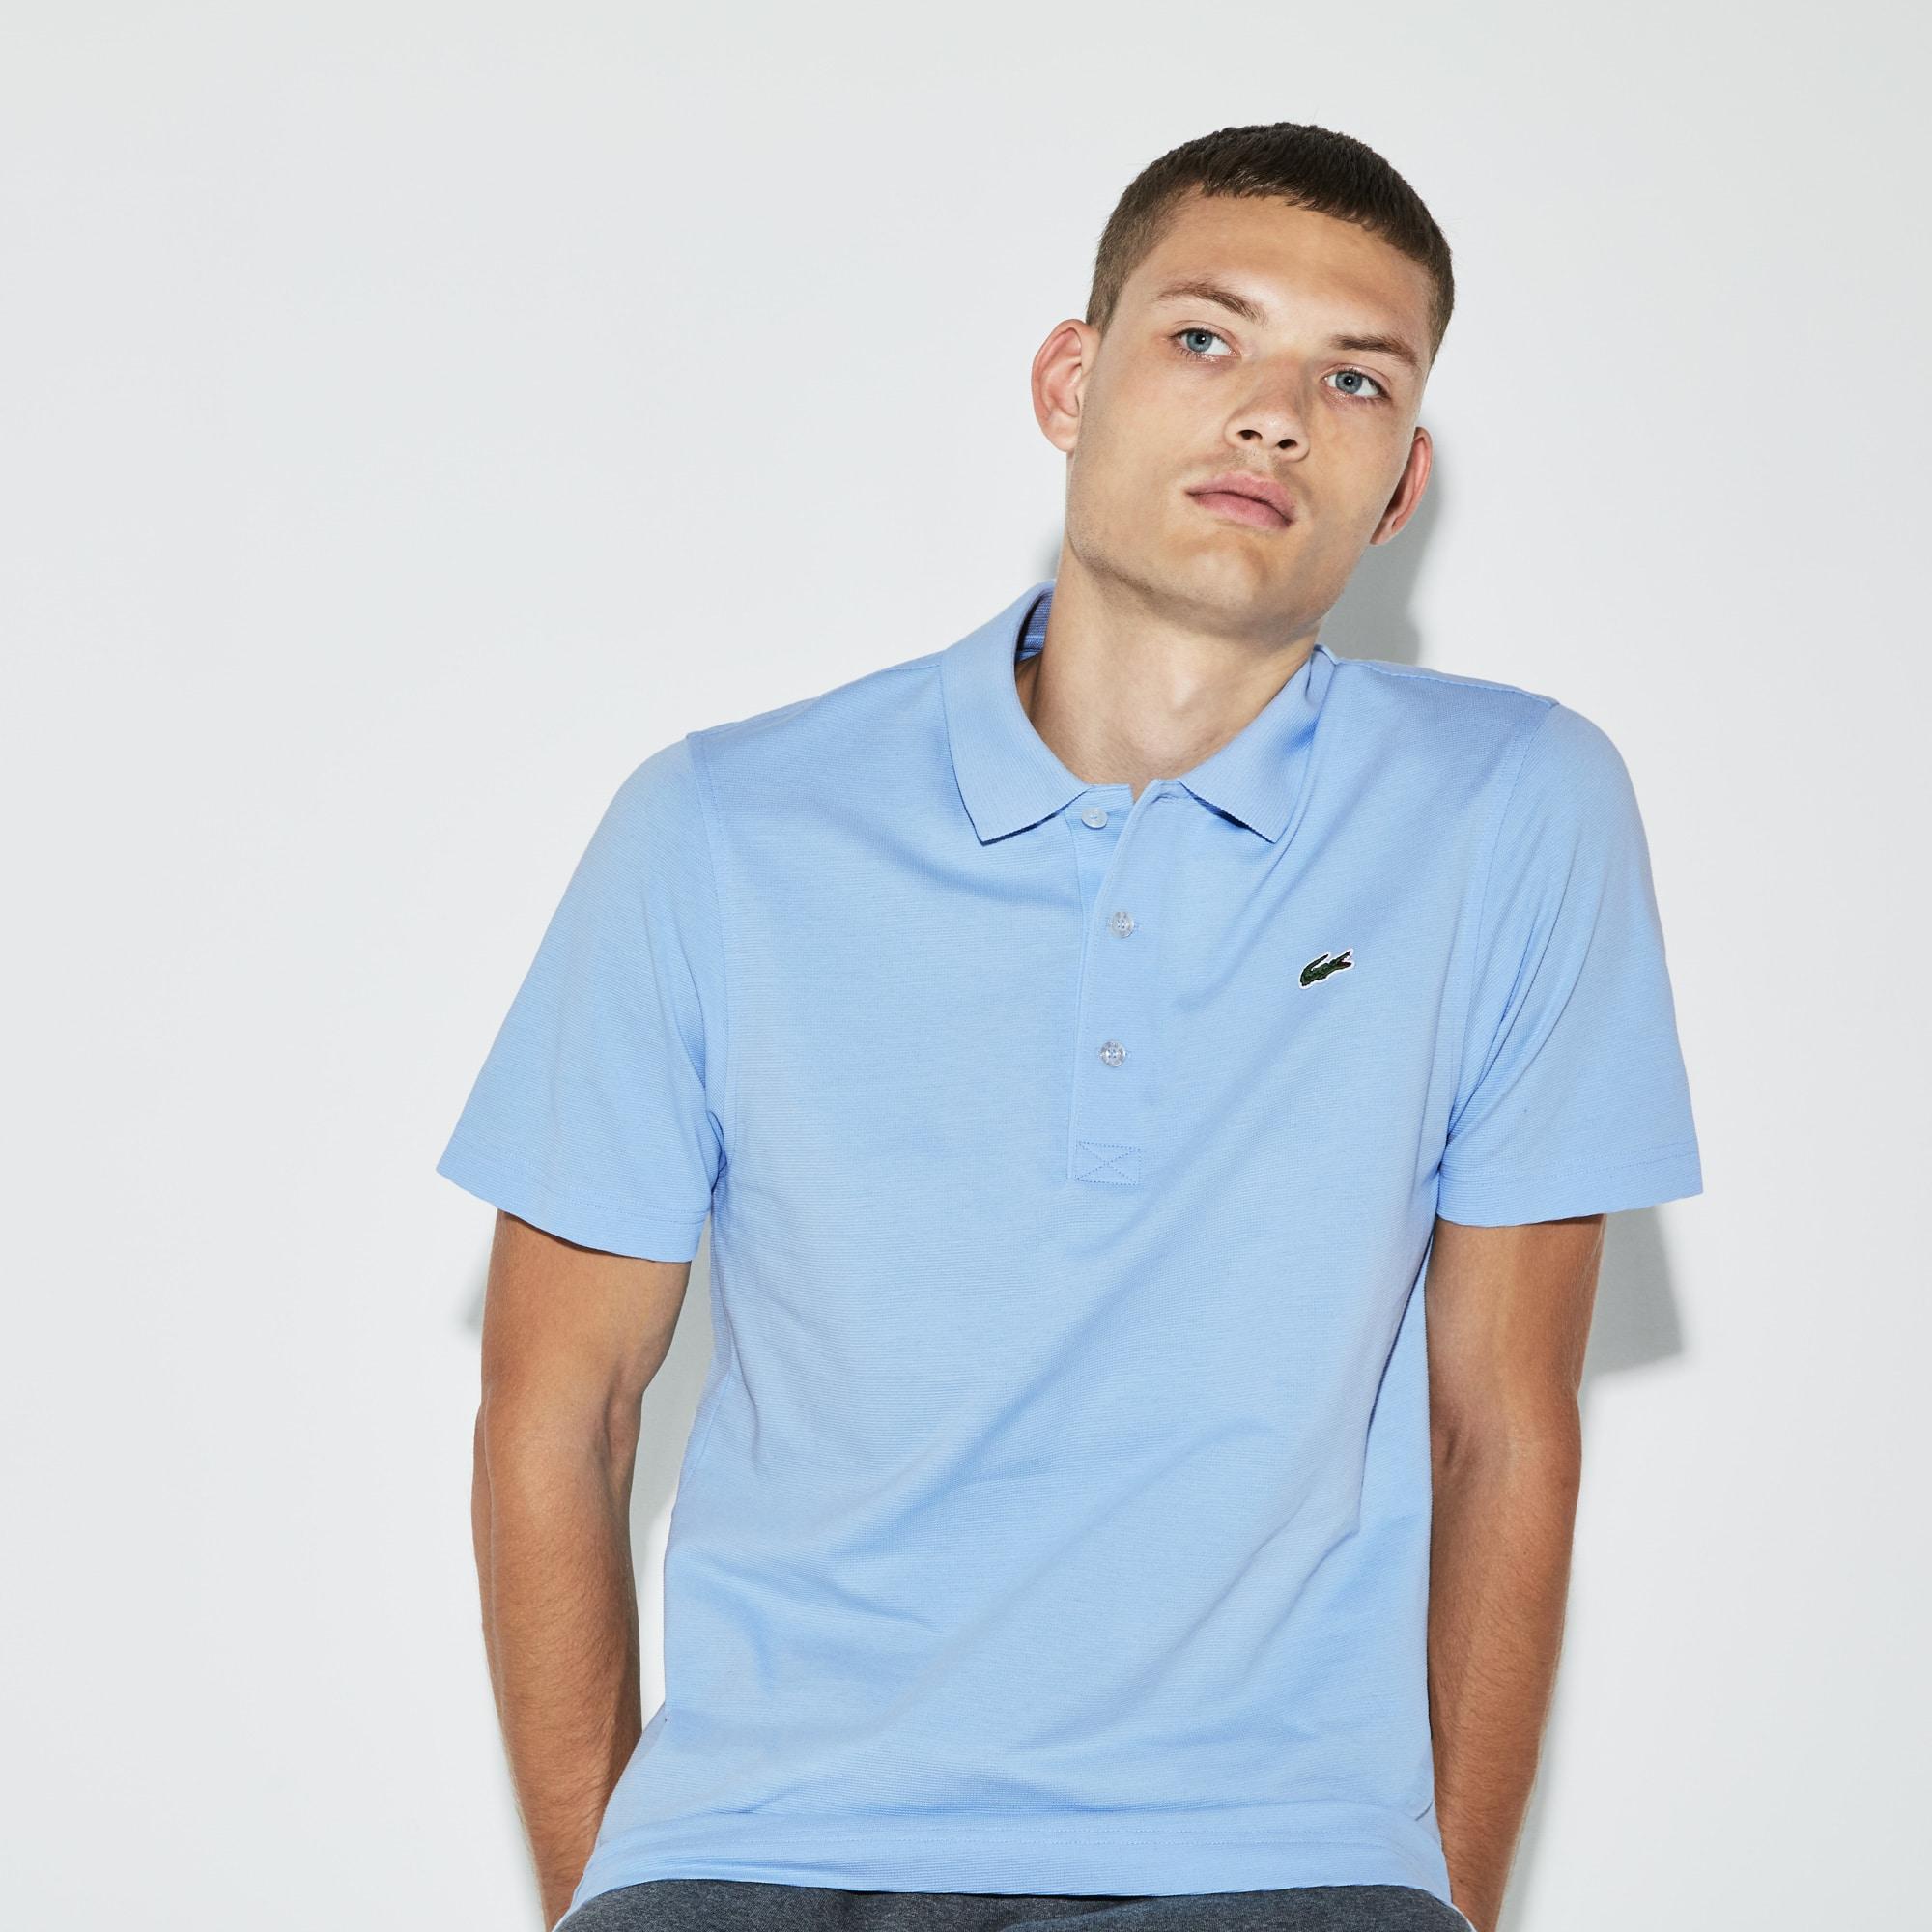 Sport Homme Loisirs Lacoste Vêtements Vêtements Loisirs qtvwXxZnE